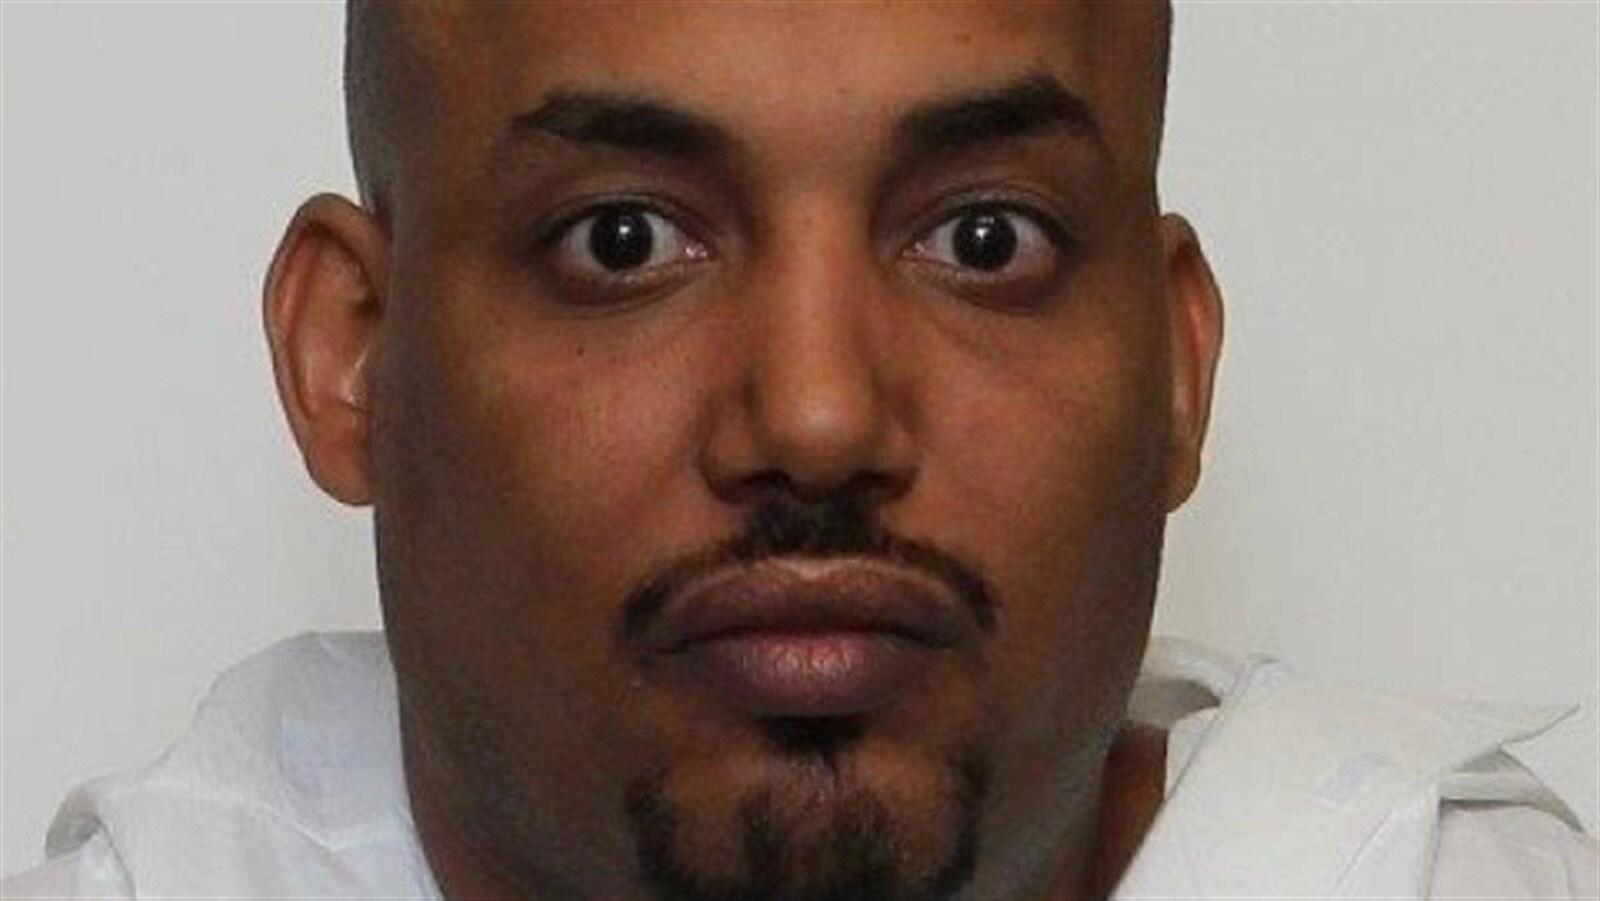 La police de Toronto affirme qu'Adonay Zekarias a été accusé de meurtre prémédité.